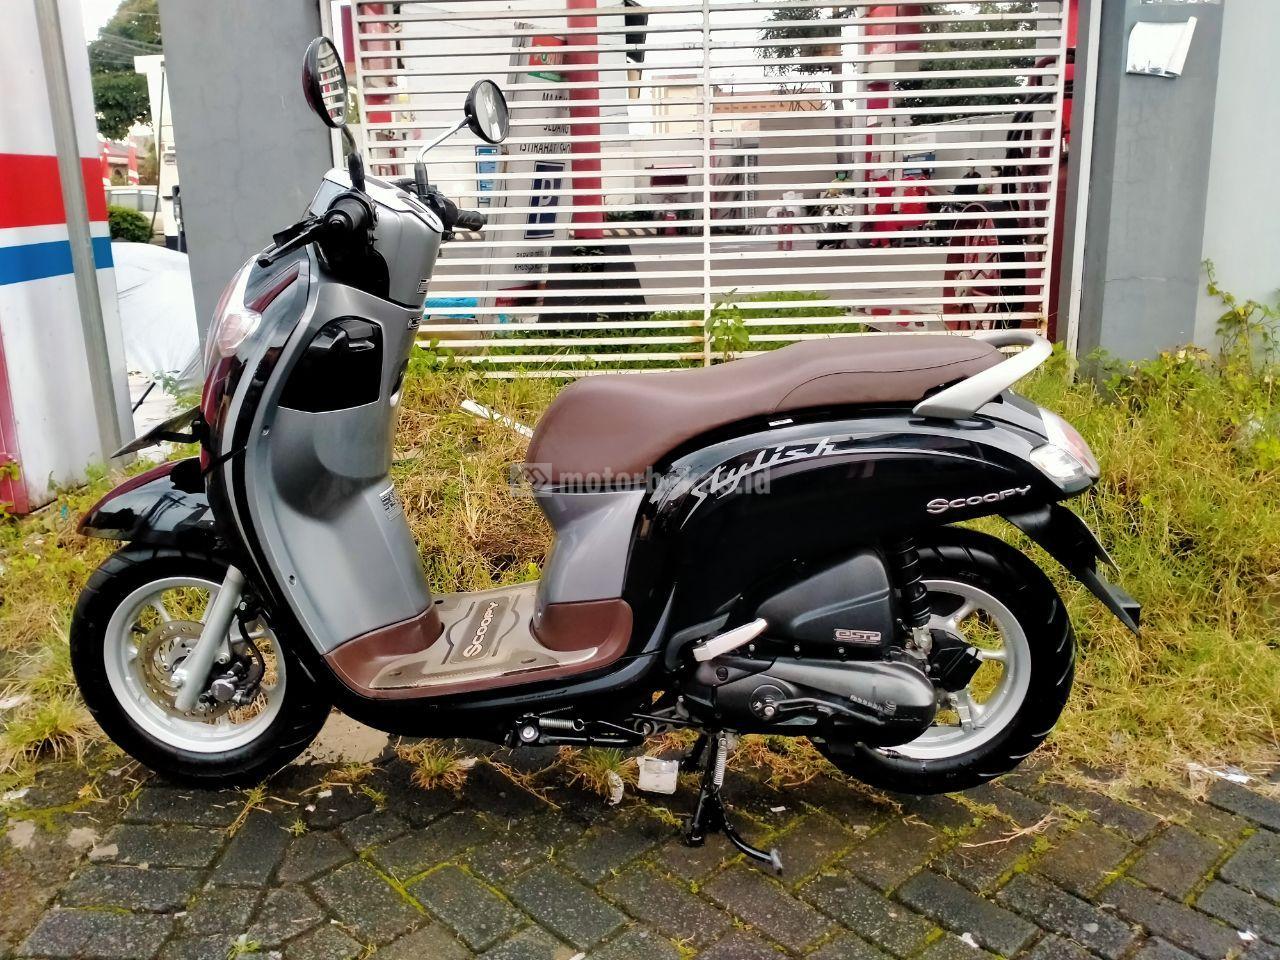 HONDA SCOOPY  1440 motorbekas.id